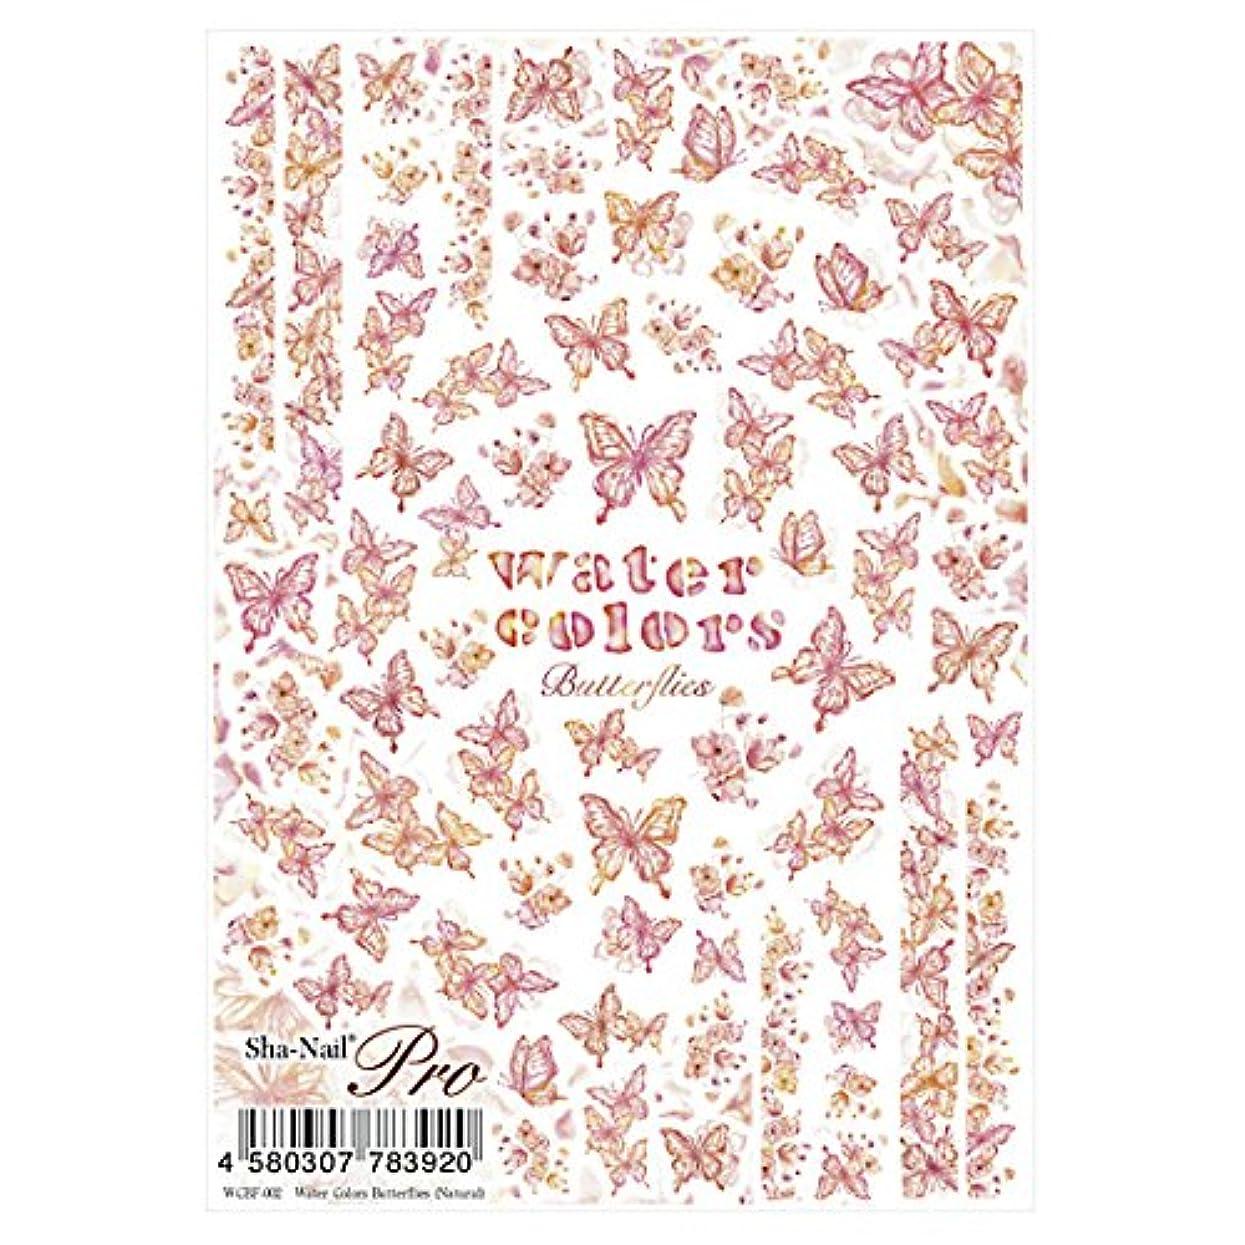 ブルーベル昆虫フィットネス写ネイルプロ ネイルシール 水彩 バタフライ ナチュラル アート材